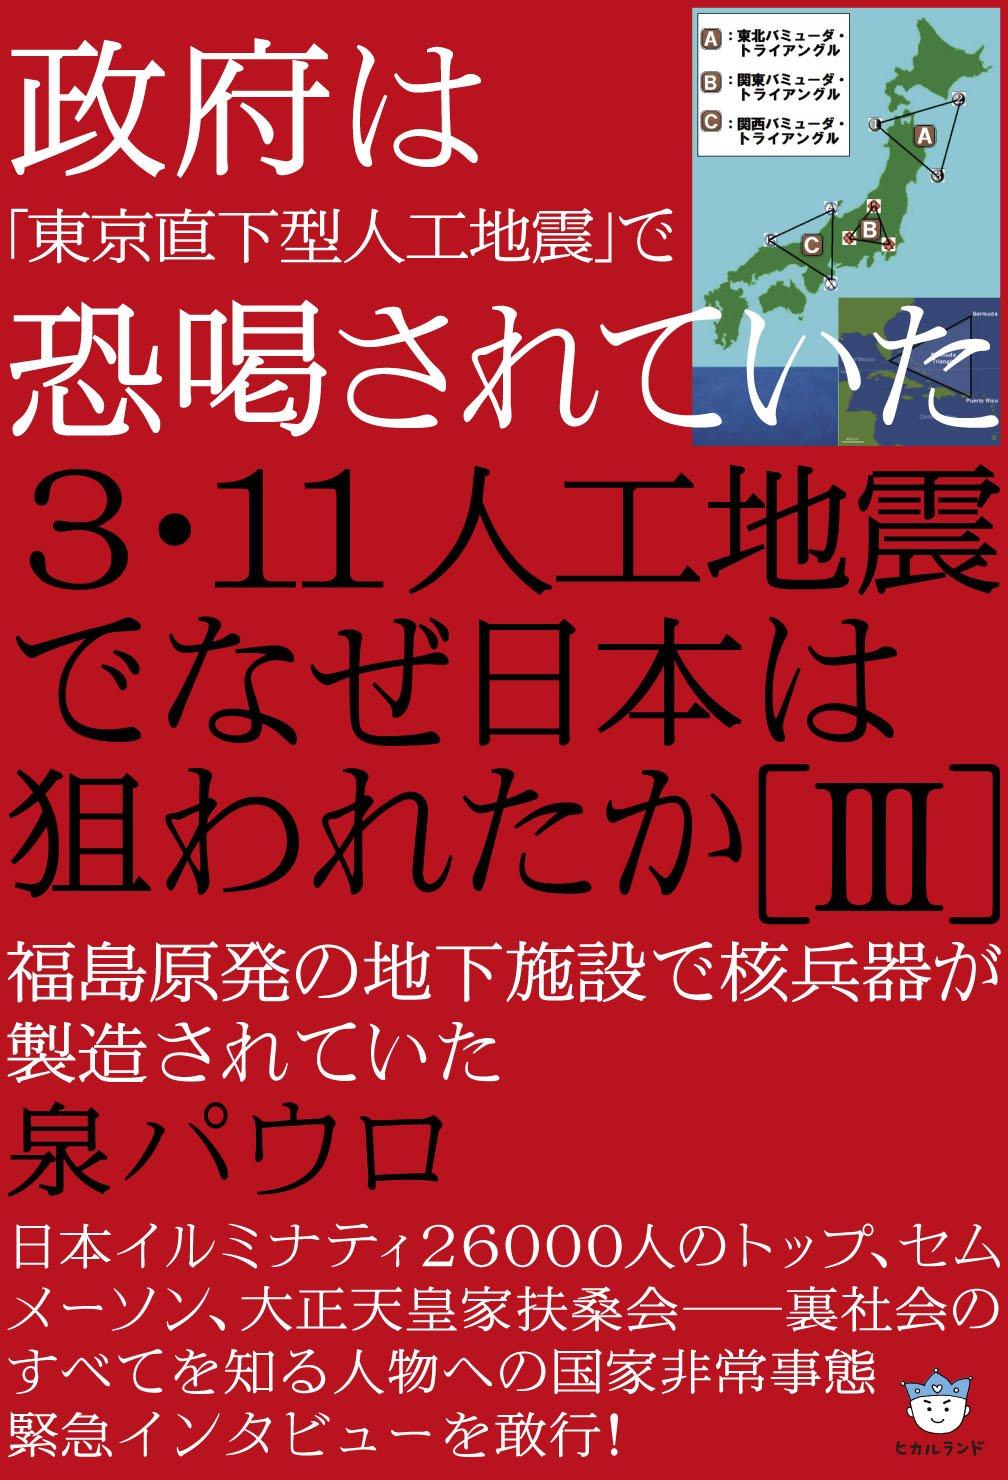 政府は「東京直下型人工地震」で恐喝されていた 3・11人工地震でなぜ ...